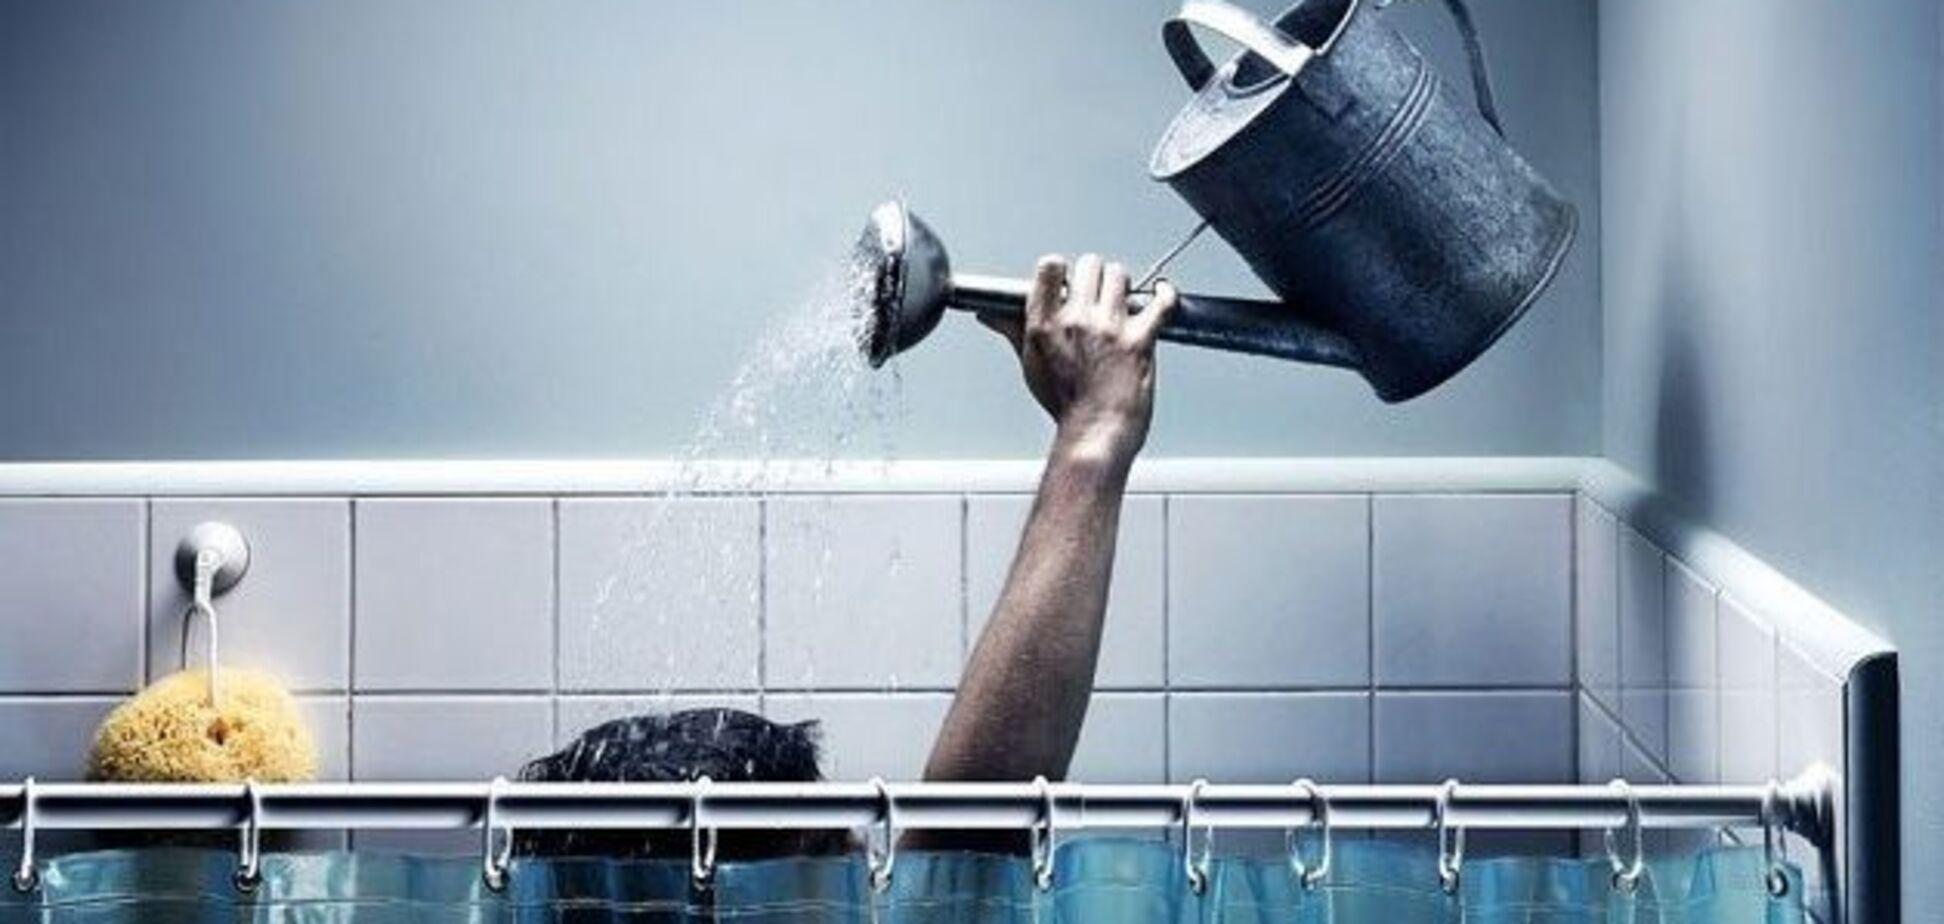 Справа у бойлерах: у КМДА пояснили зростання цін на гарячу воду